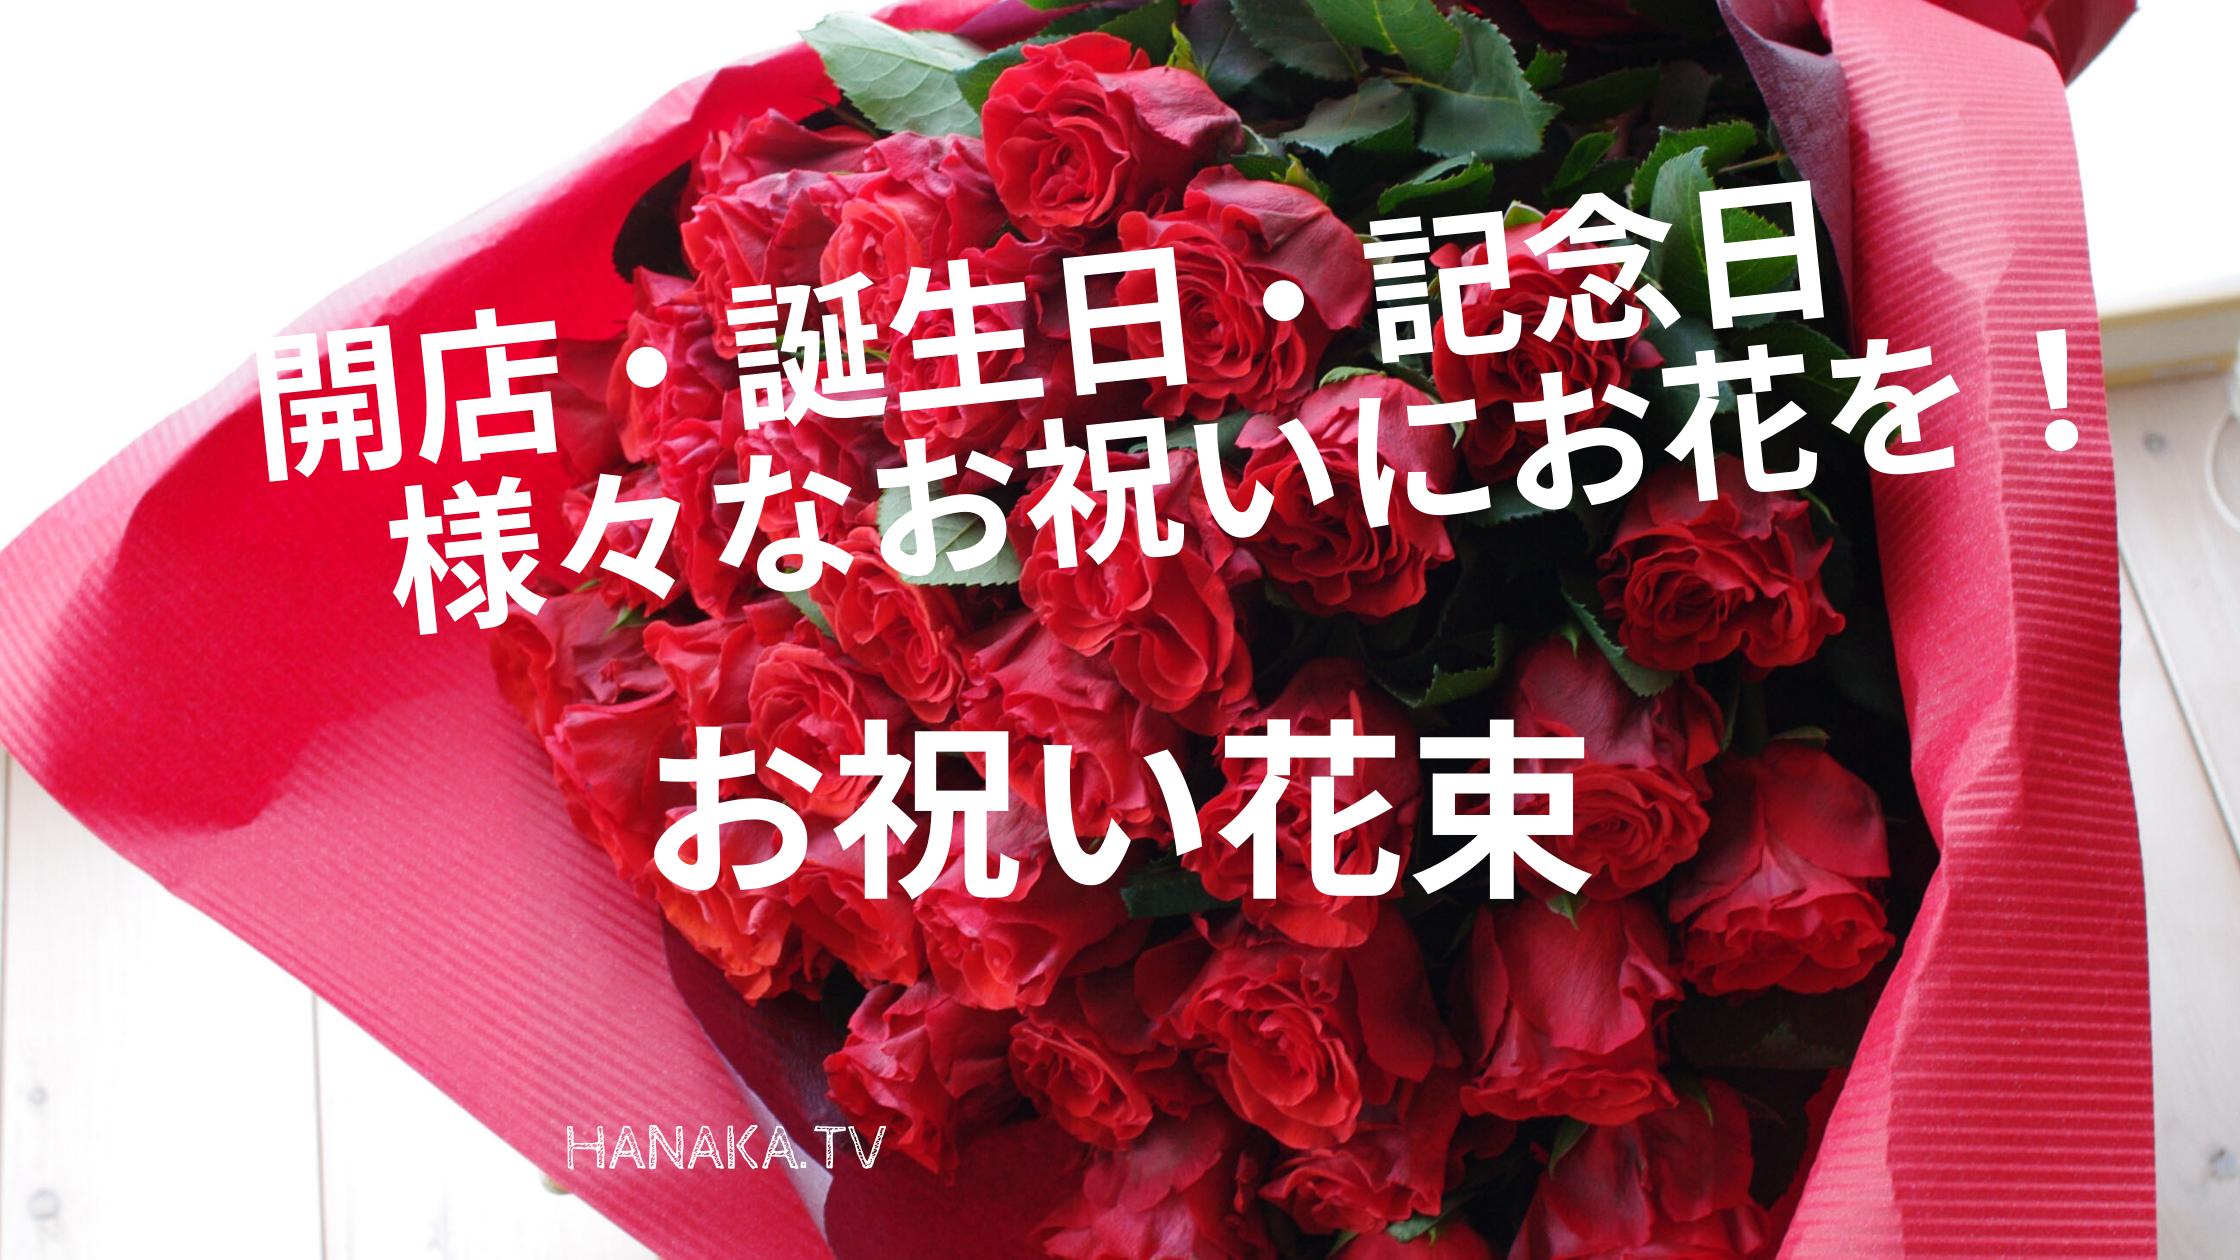 お祝い花束ばなー